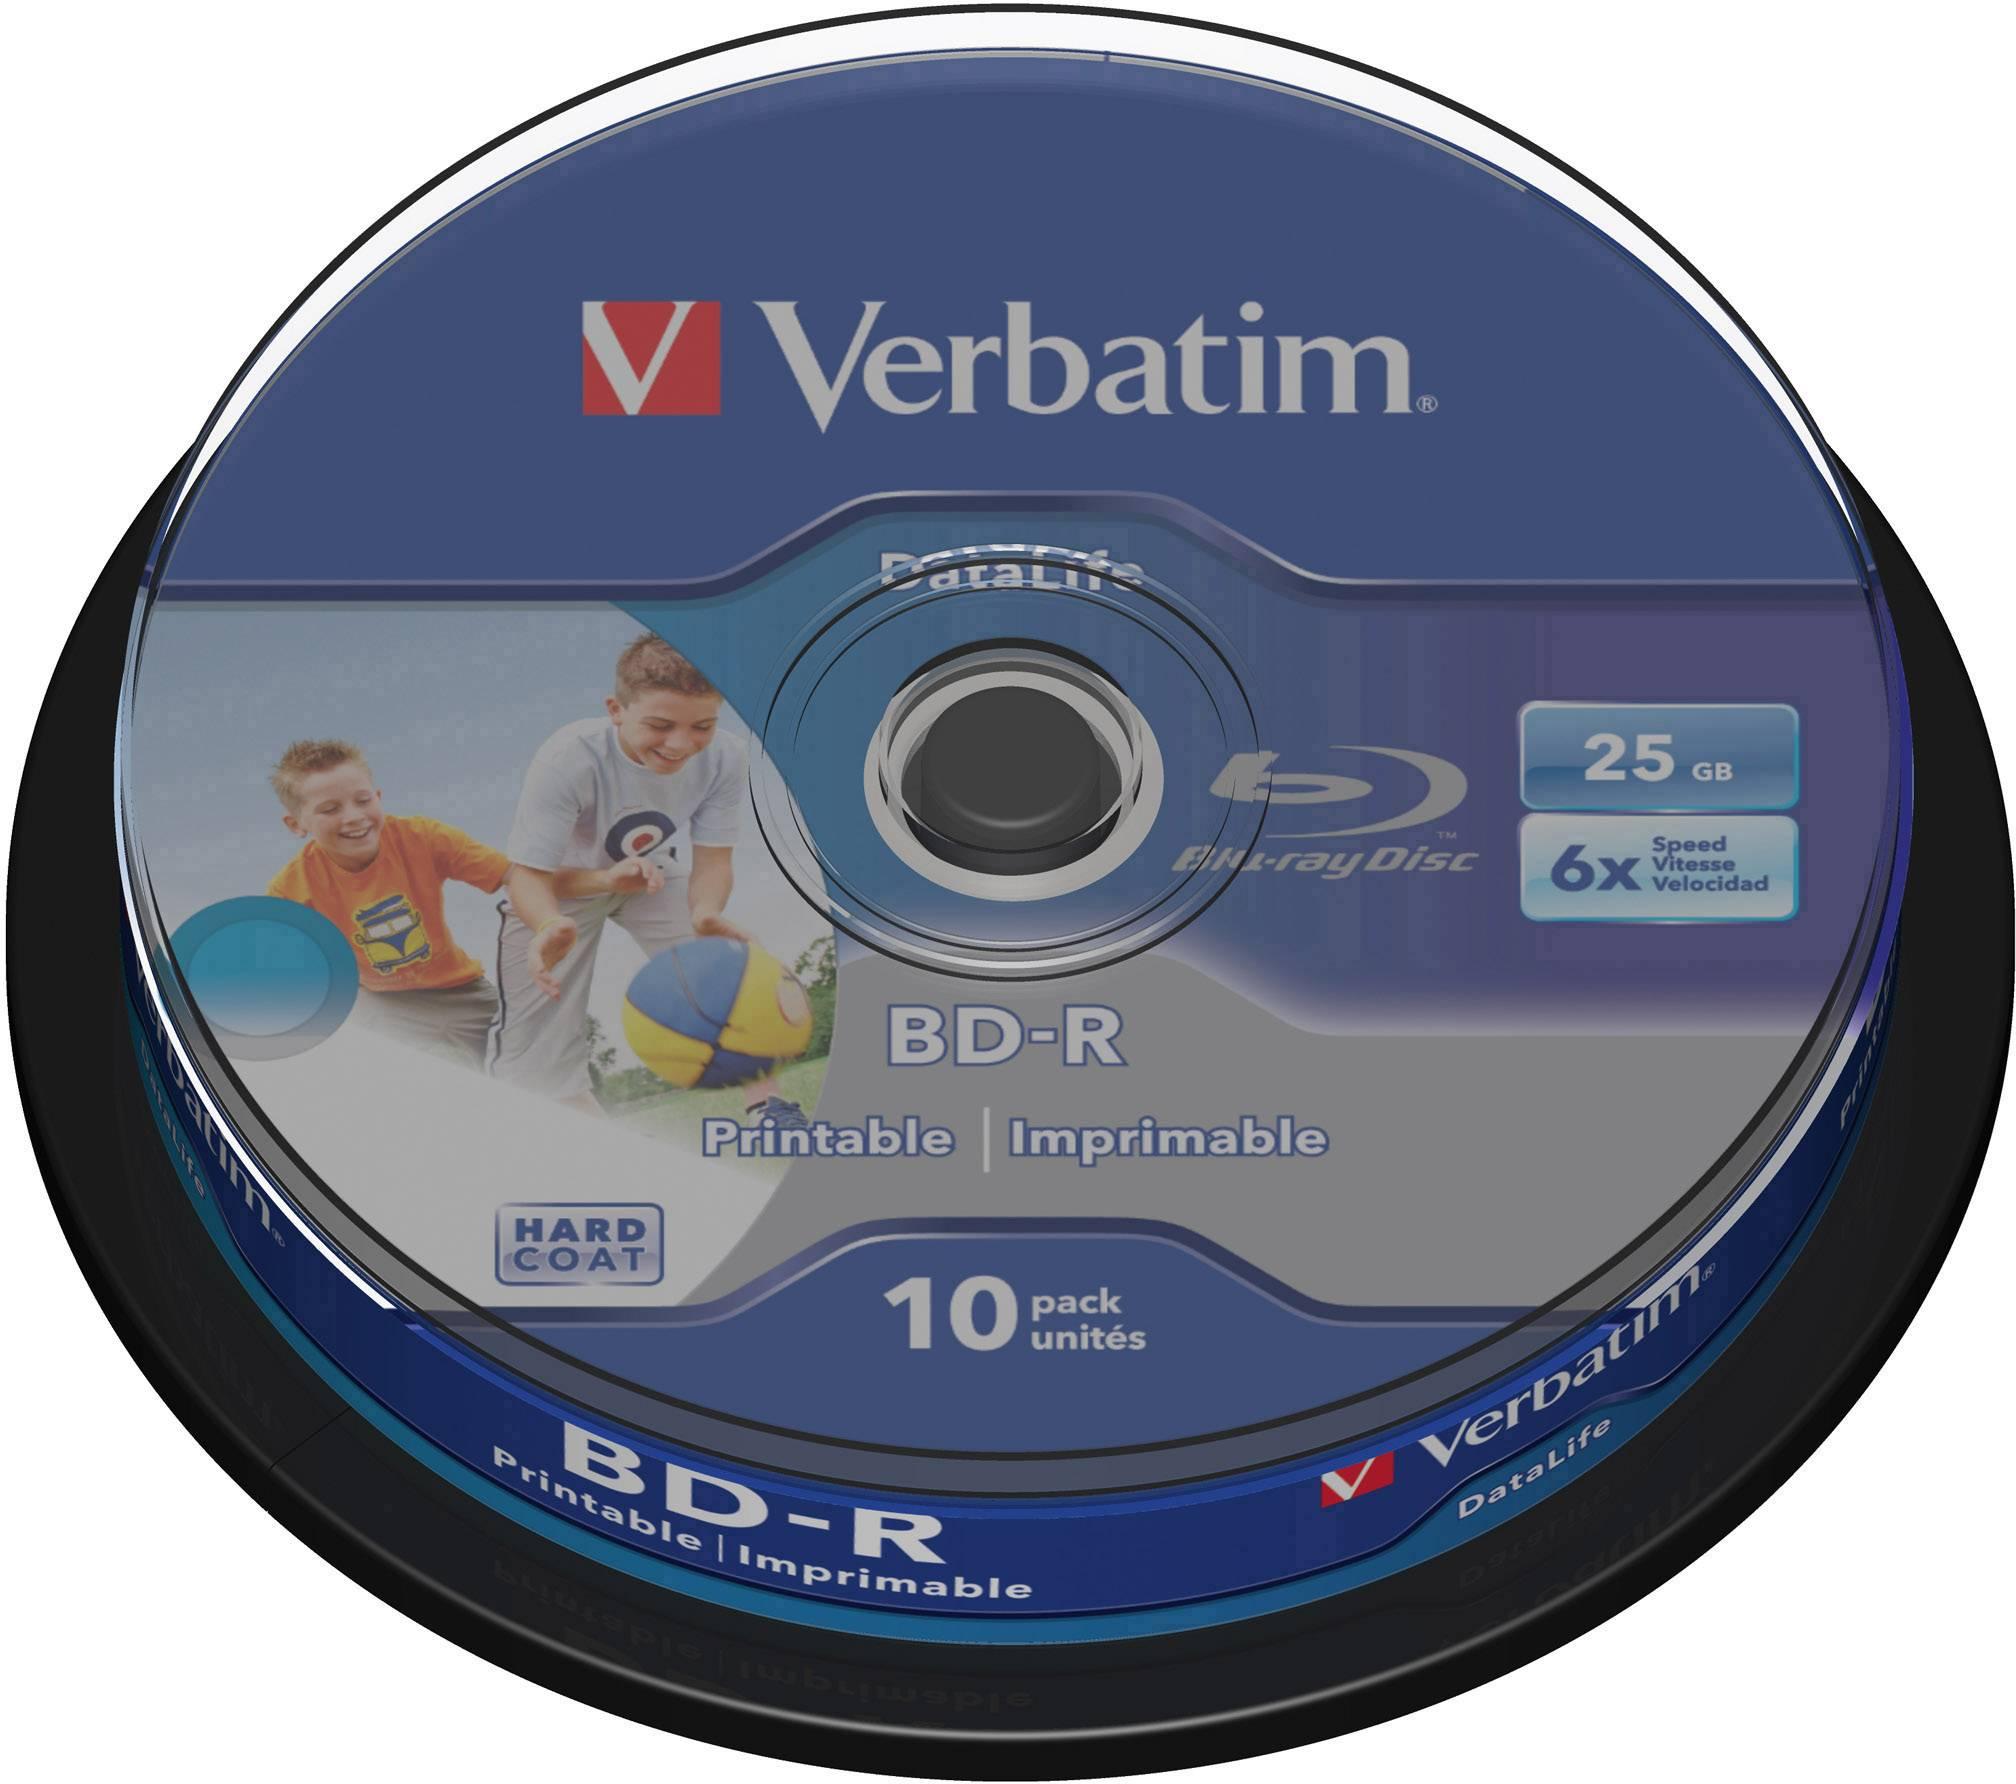 Blu-ray BD-R 25 GB Verbatim vřeteno, 43804, s potiskem, 10 ks